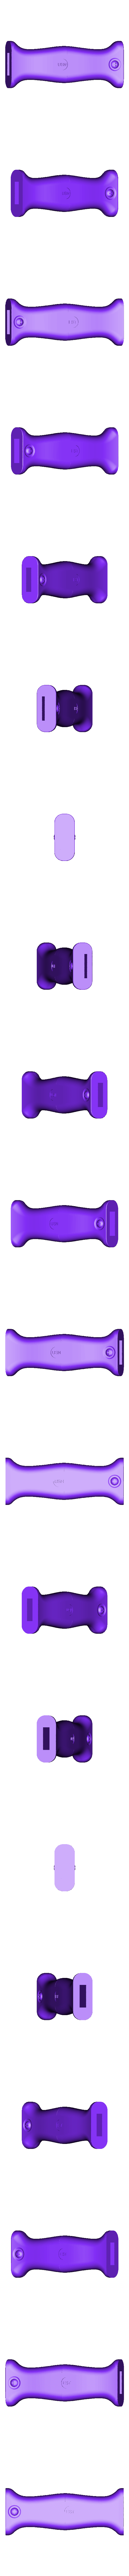 Handle.stl Télécharger fichier STL gratuit OKC MK3 Couteau Marine • Plan imprimable en 3D, Piggie